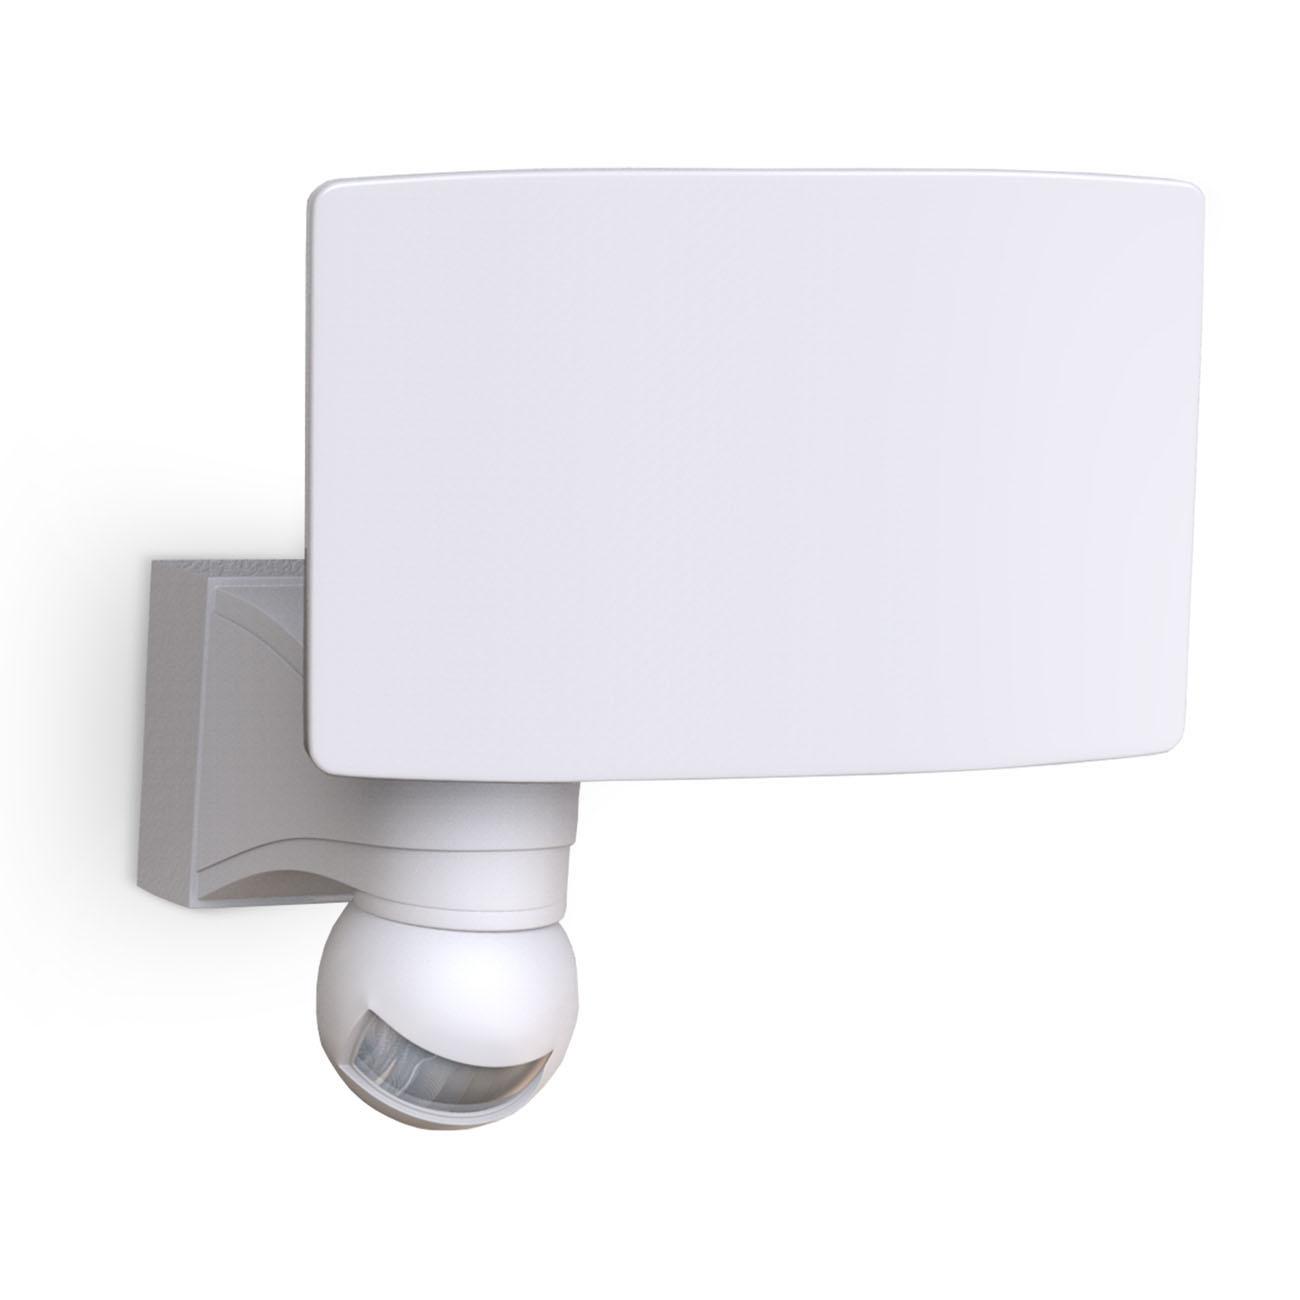 LED Außenleuchte mit Bewegungssensor weiß - 1